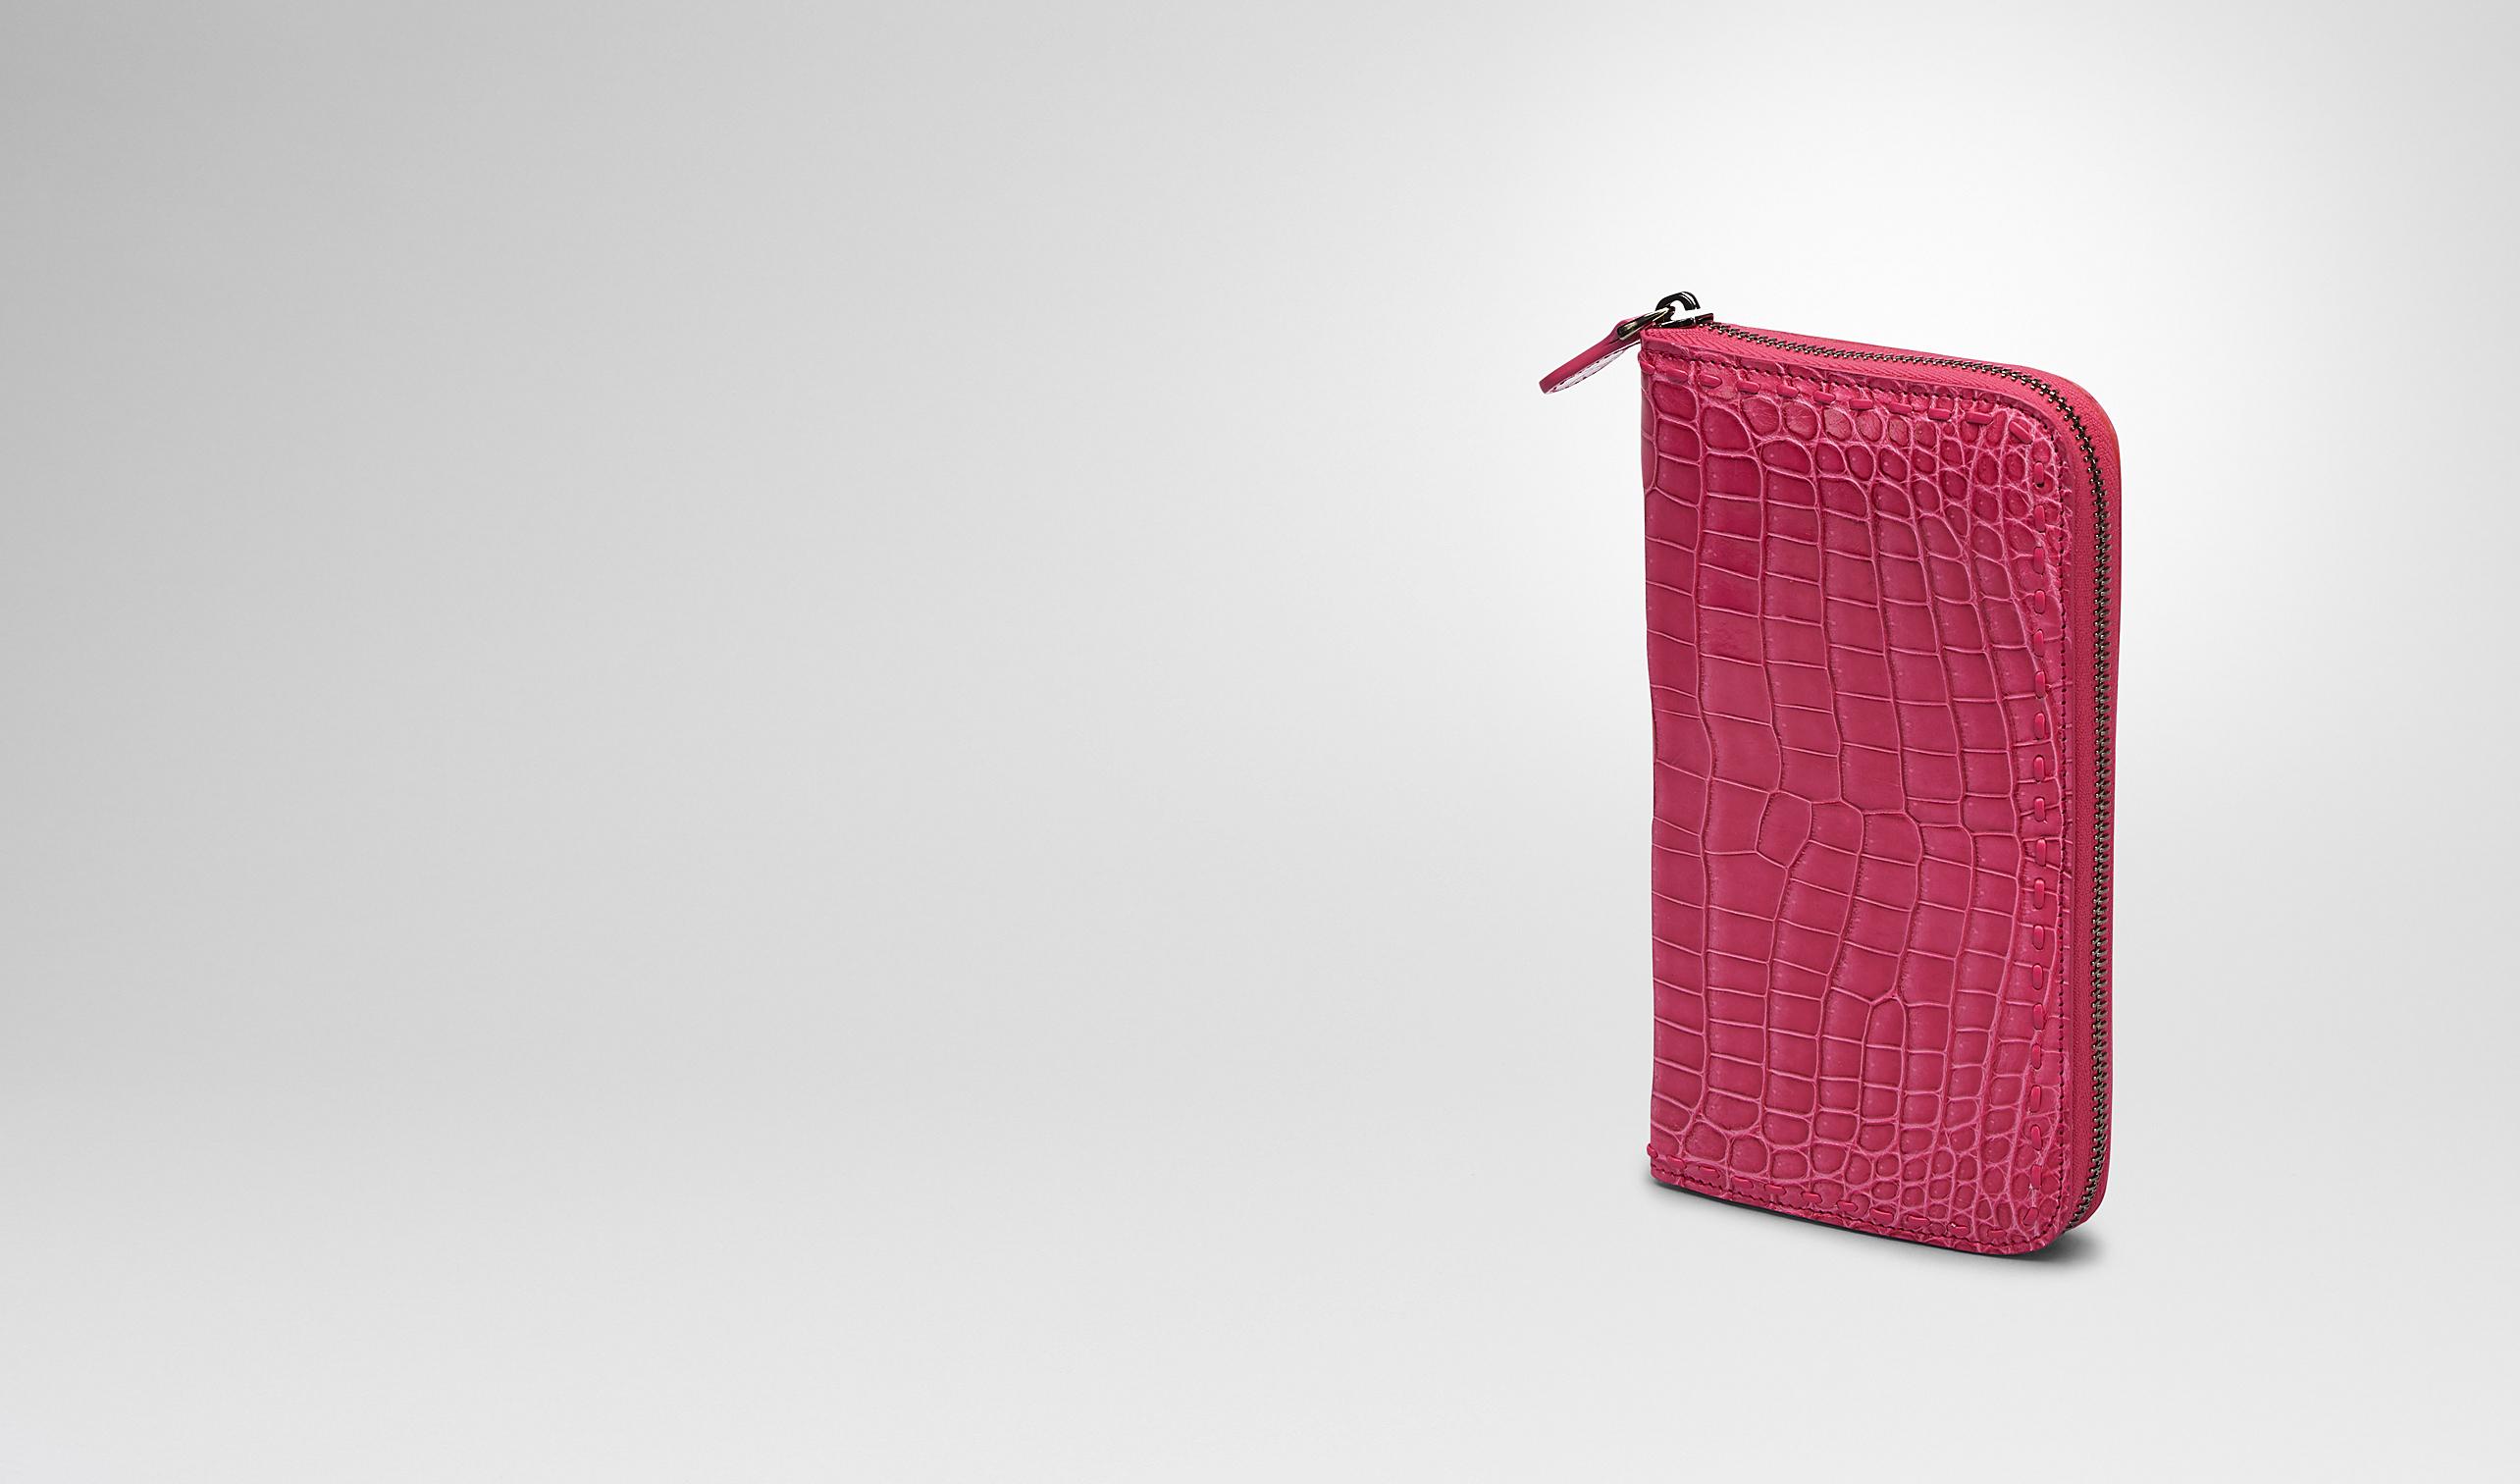 BOTTEGA VENETA Portemonnaie mit Zip D PORTEMONNAUE MIT ZIP AUS KROKODILLEDER IN ROSA SHOCK pl